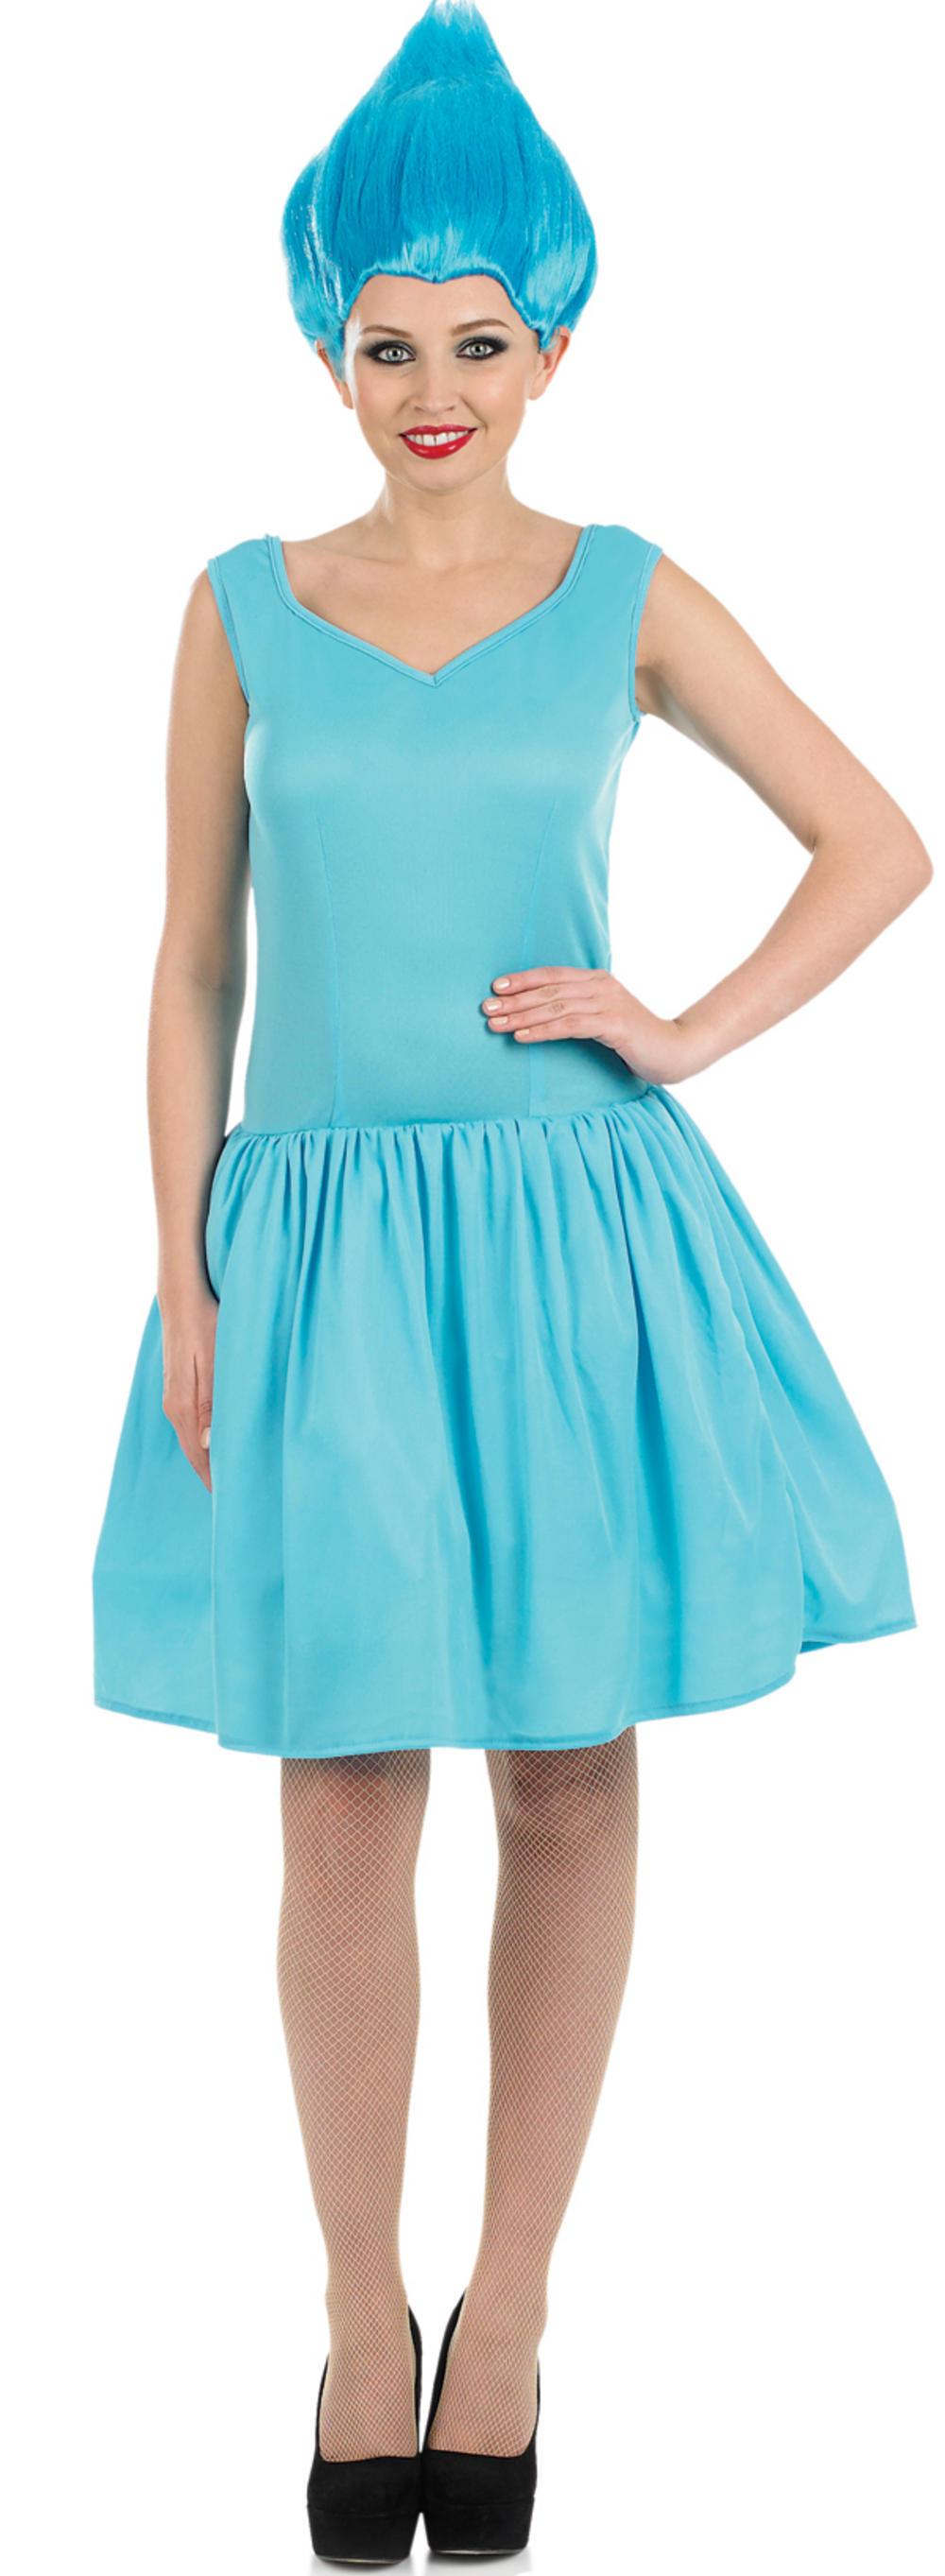 Blue Pixie Ladies Costume